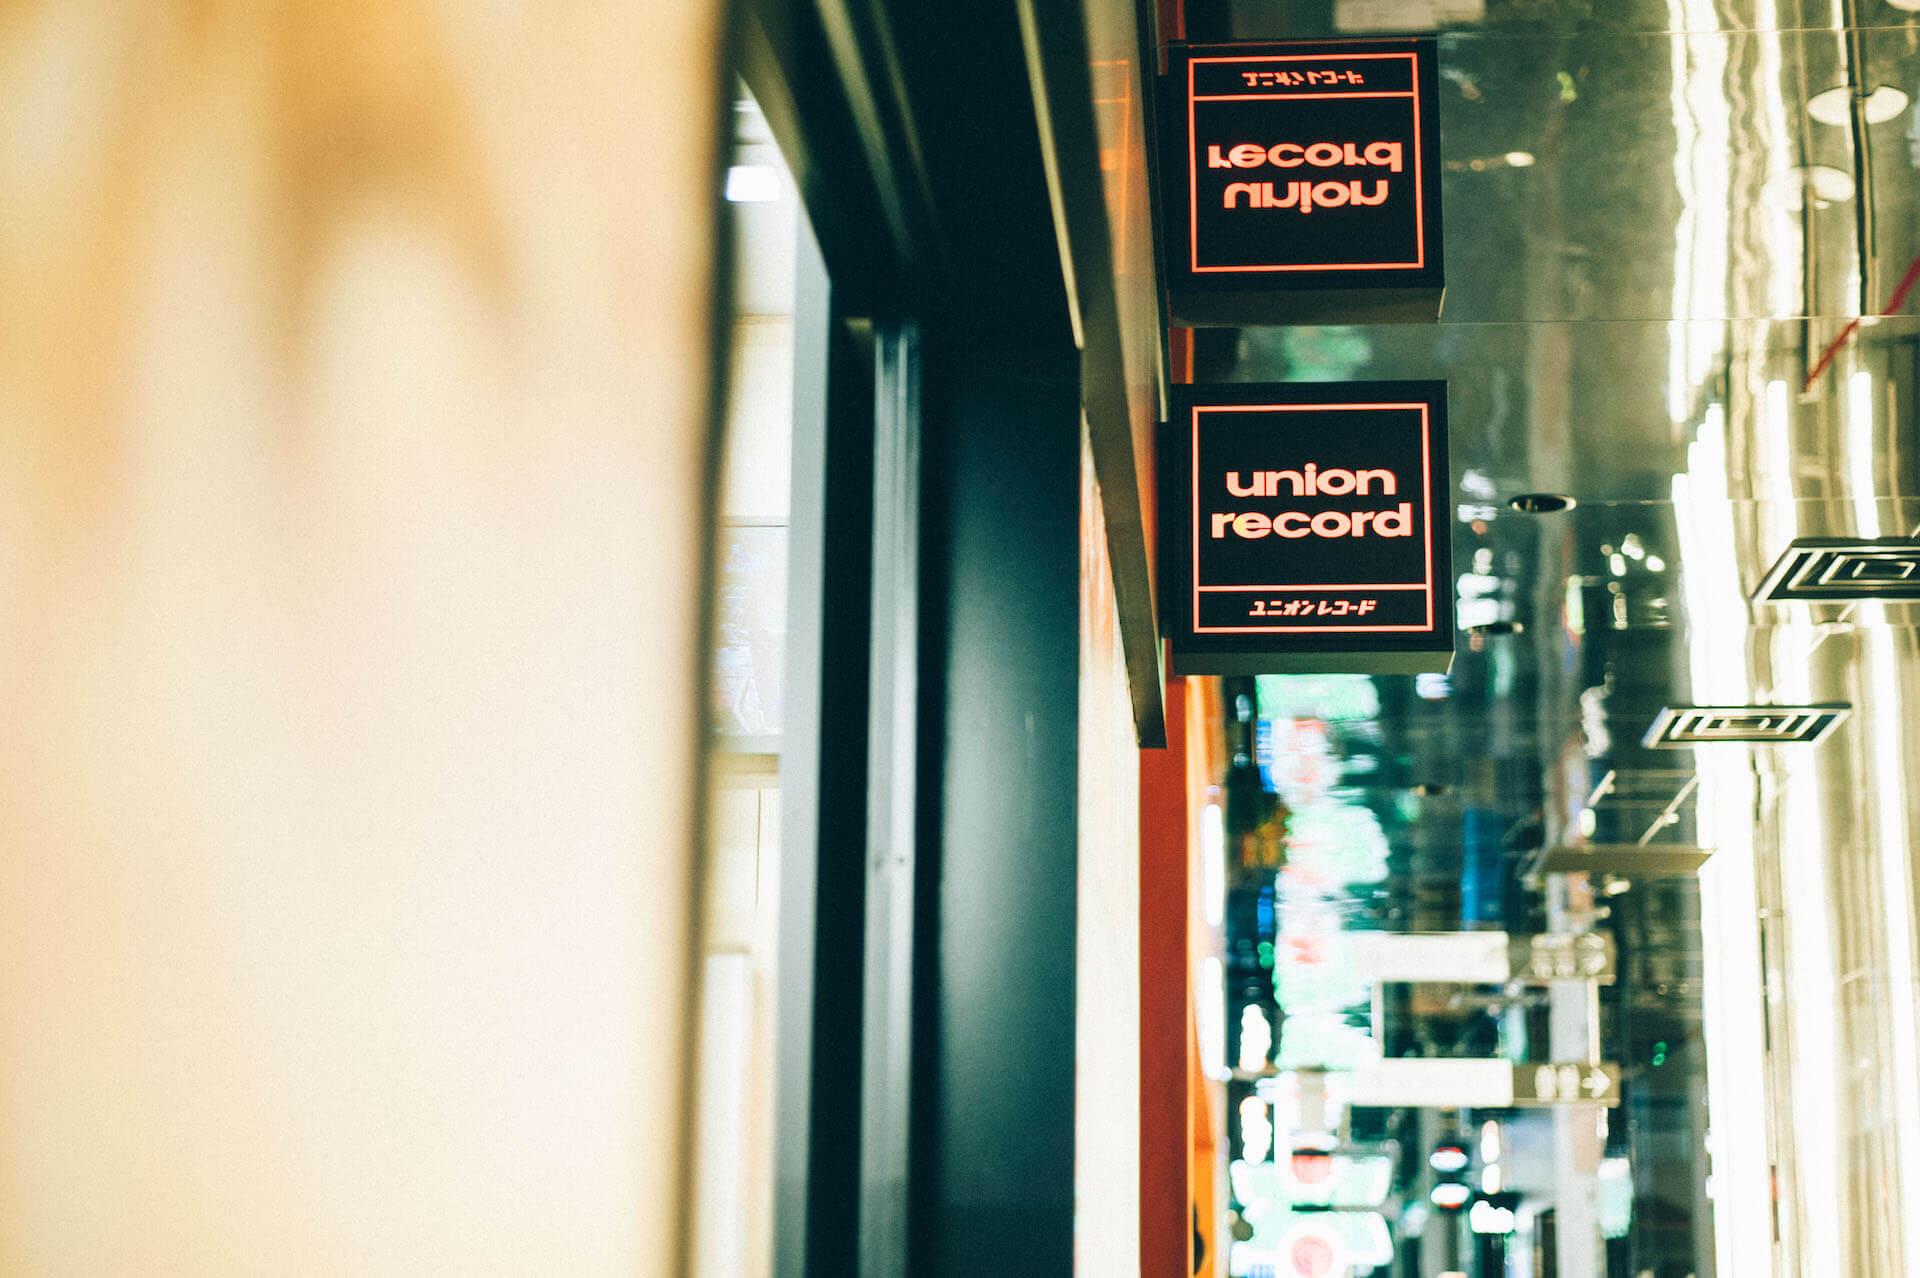 新生渋谷PARCOのカオスなフードエリア「CHAOS KITCHEN」注目の3店舗をピックアップ lfefashion-20191122-parco-8646